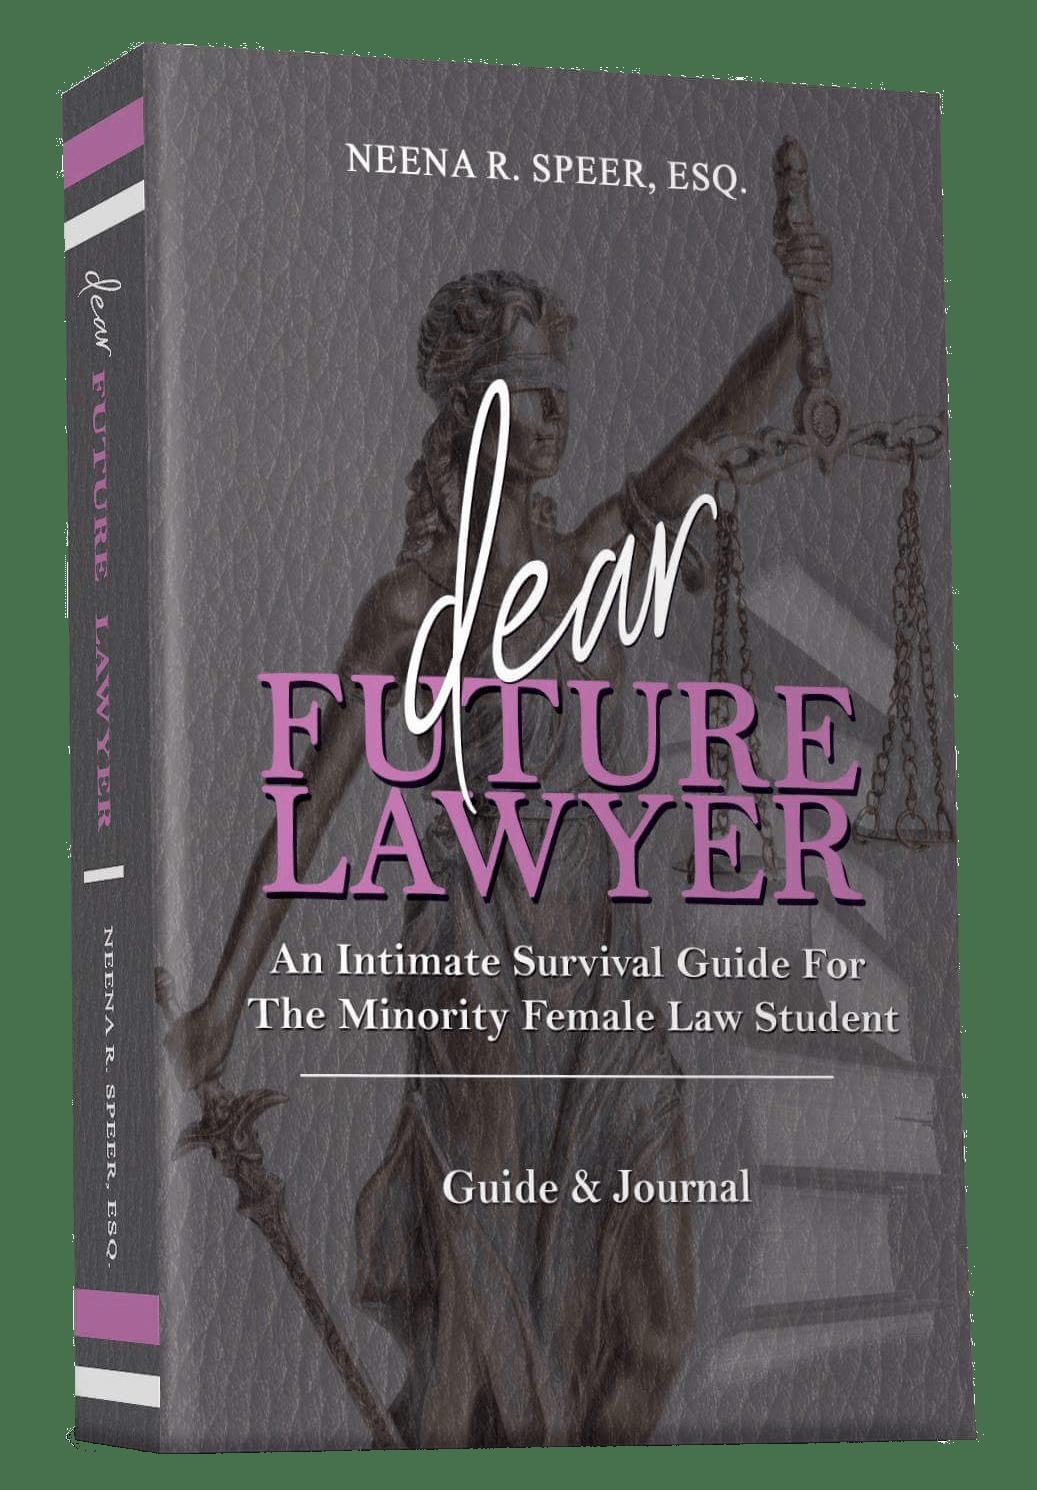 Neena Speer Law Firm LLC - Birmingham Alabama - Dear Future Lawyer